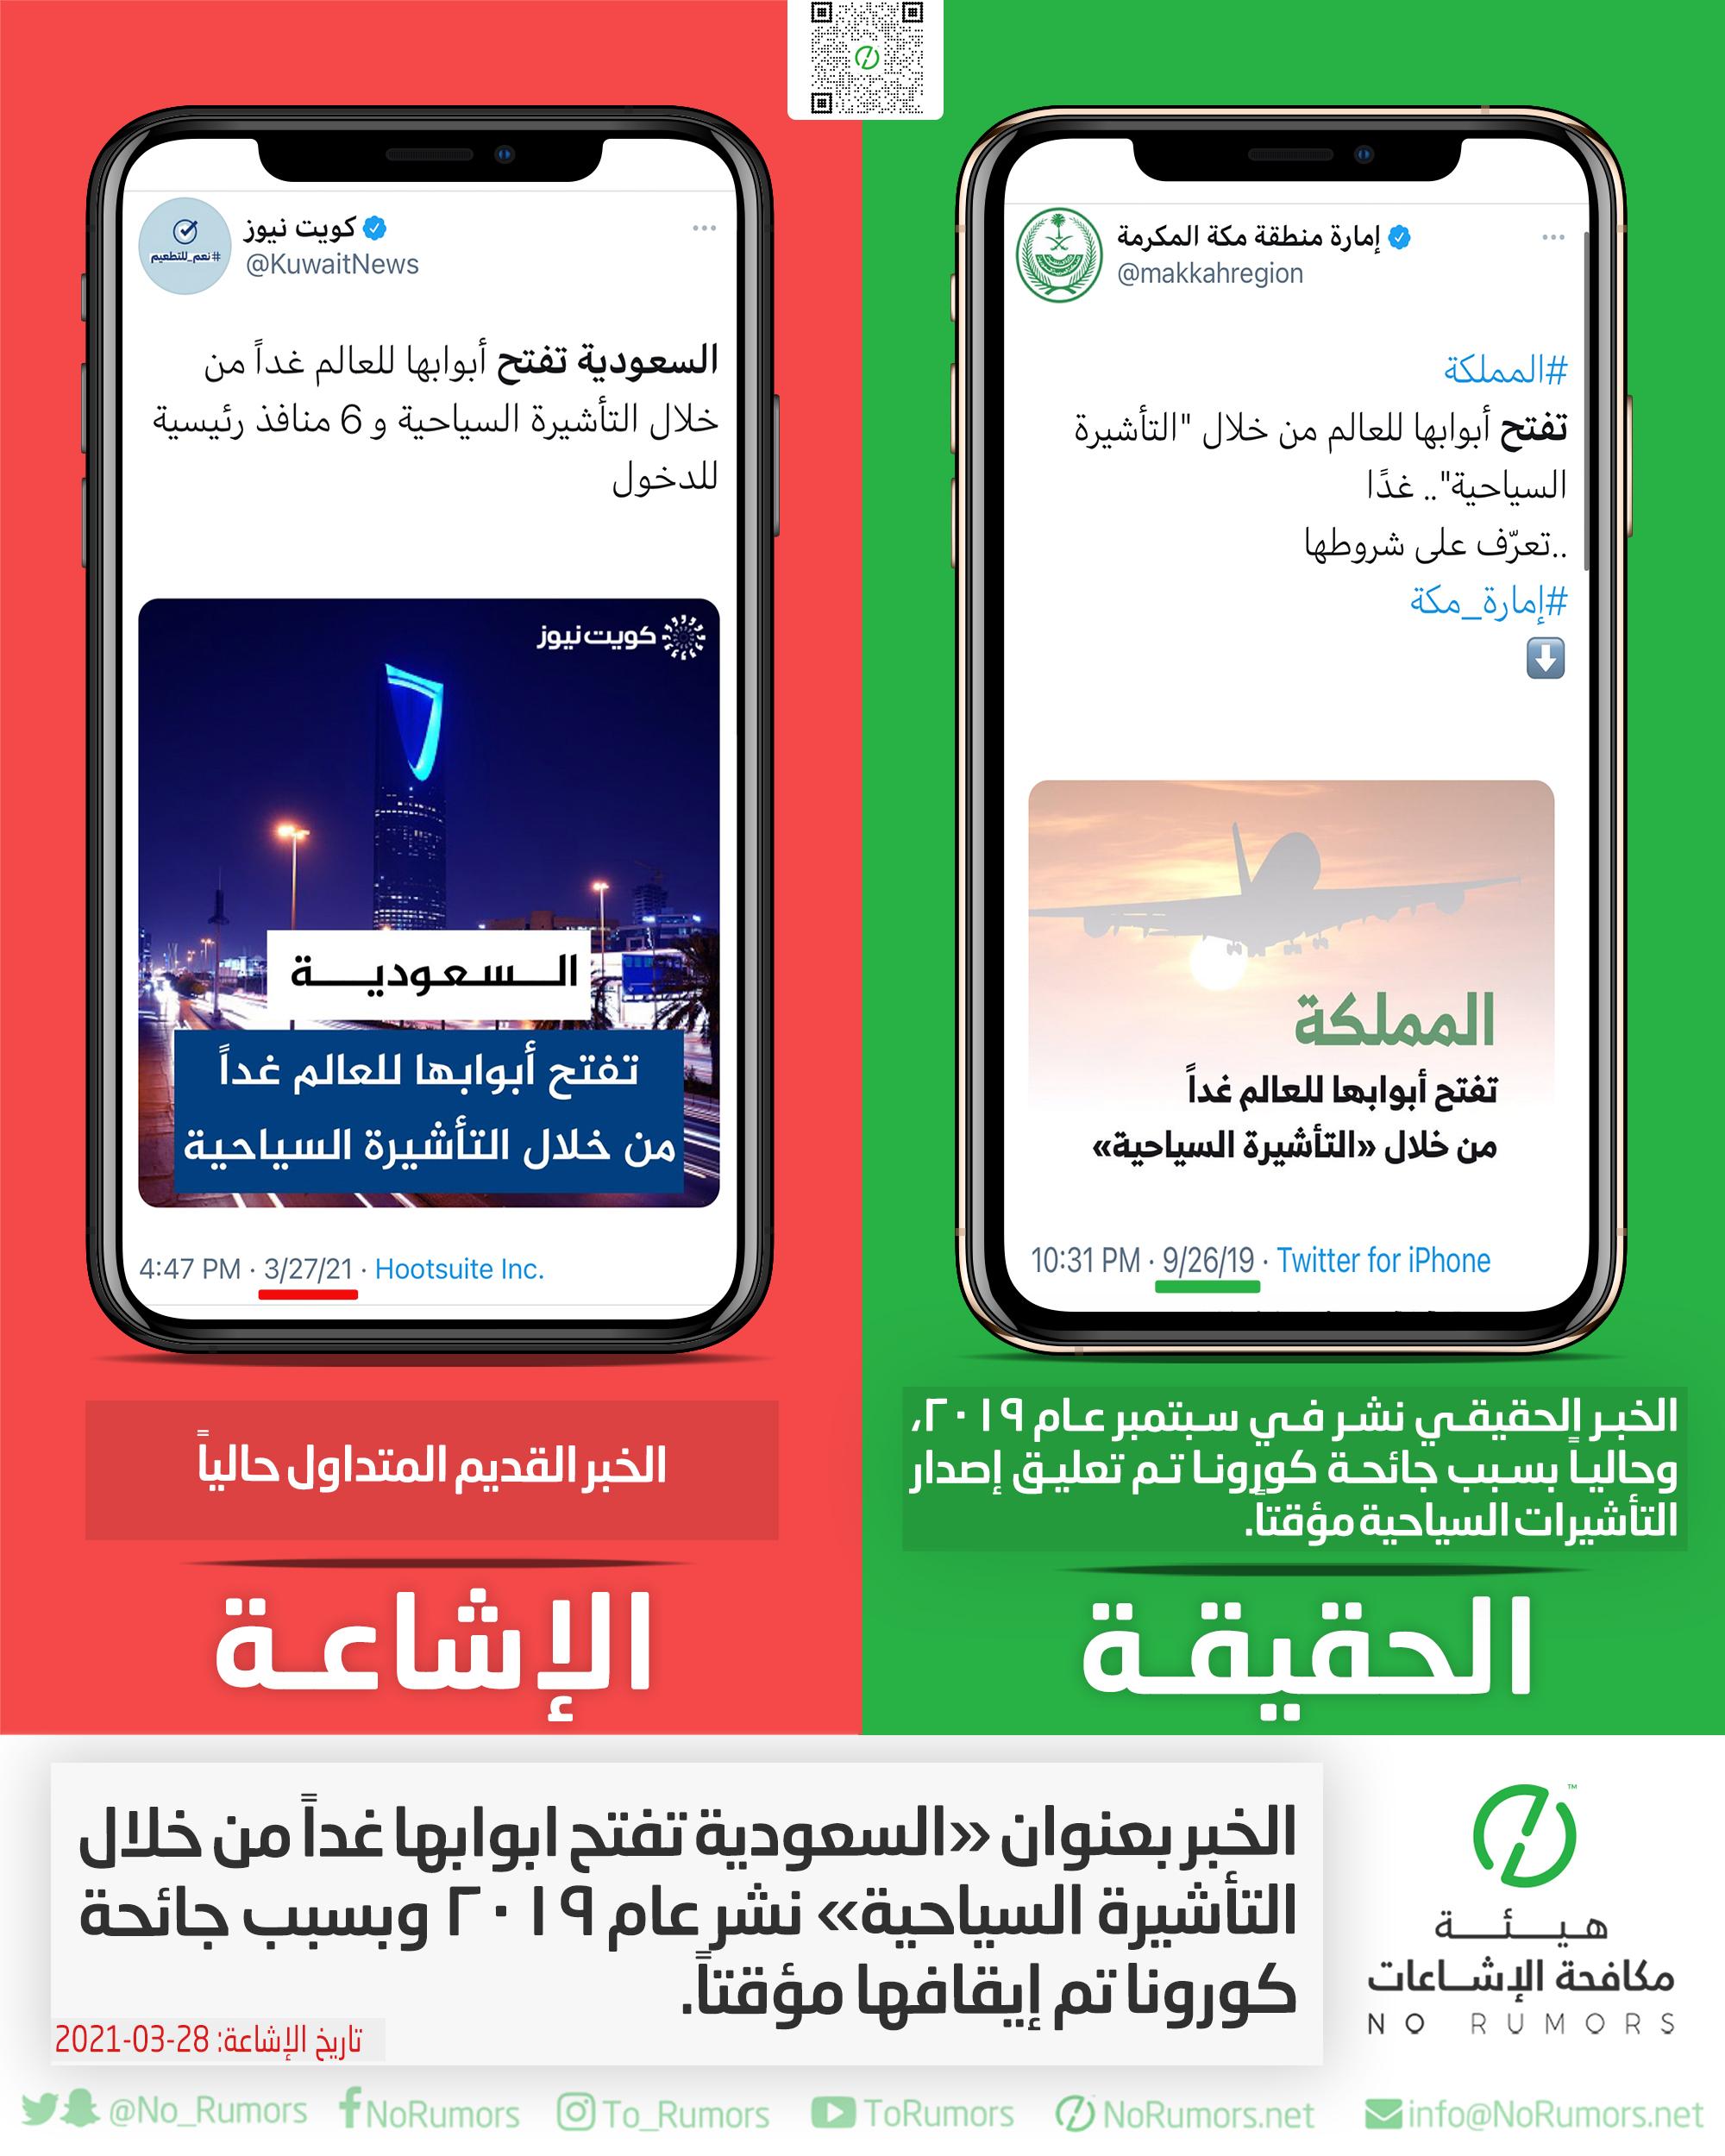 حقيقة الخبر بعنوان «السعودية تفتح ابوابها غداً من خلال التأشيرة السياحية»